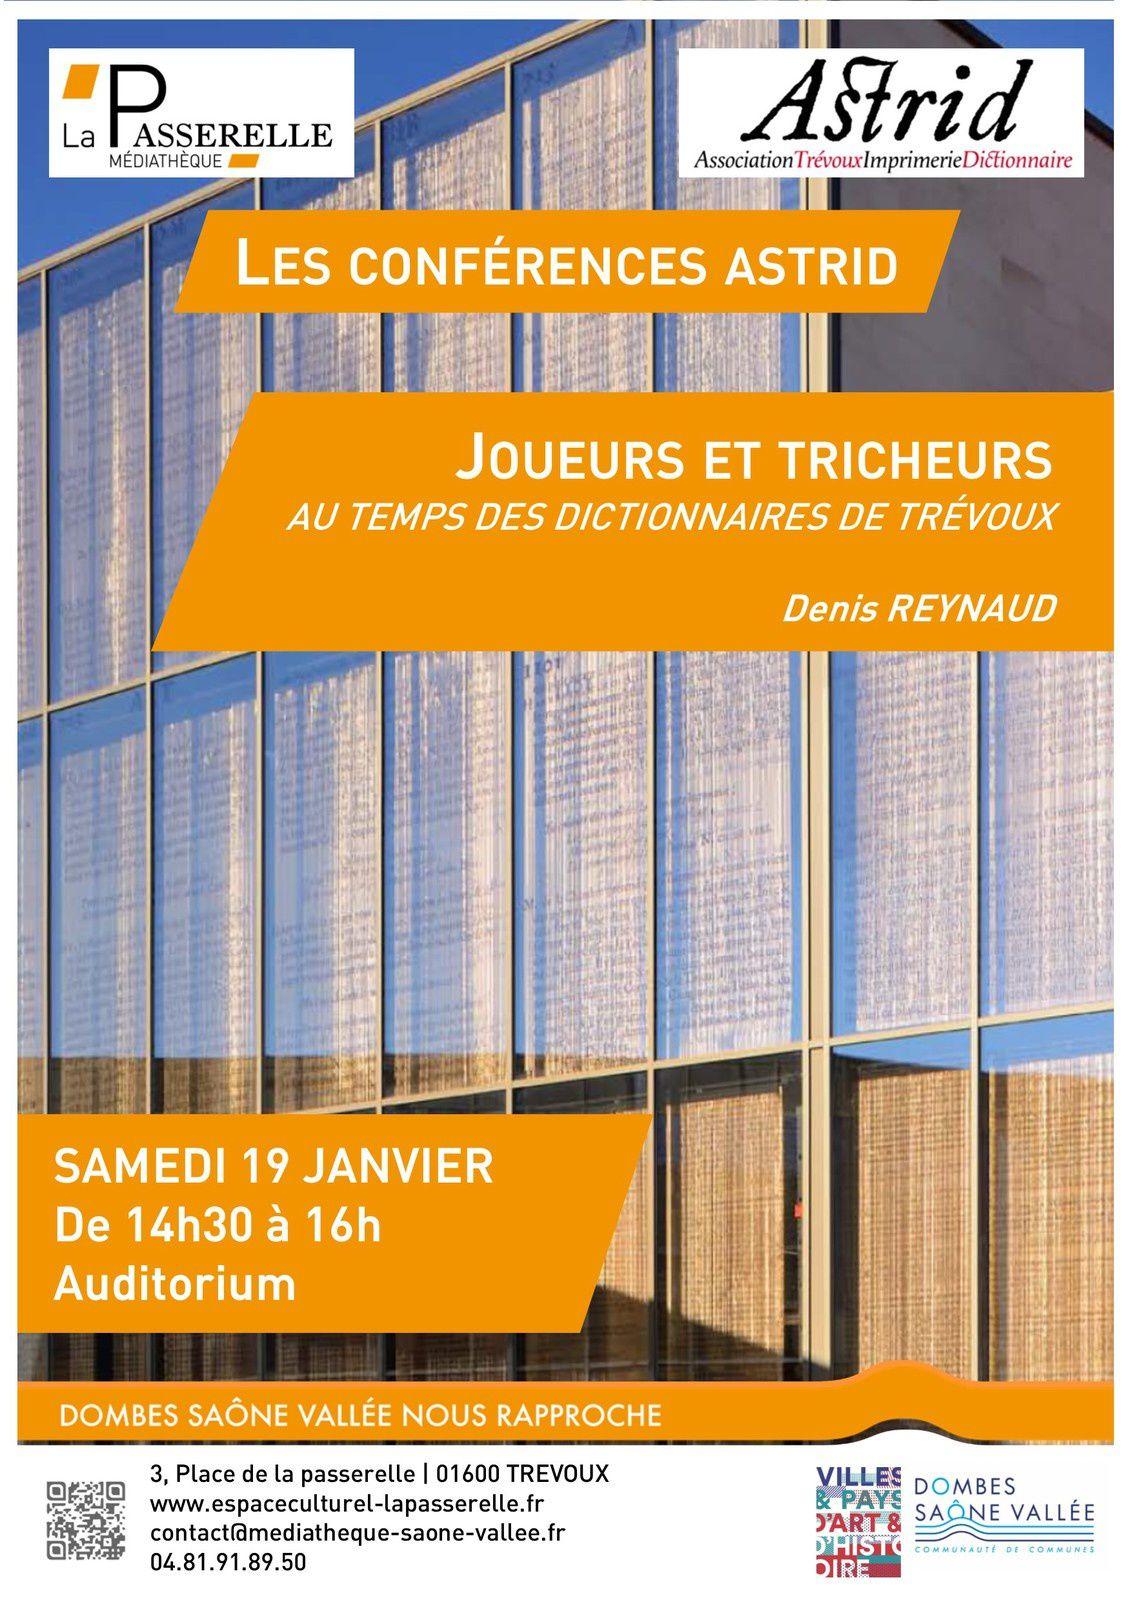 """CONFERENCE LE SAMEDI 19 JANVIER :  """"JOUEURS ET TRICHEURS AU TEMPS DES DICTIONNAIRES DE TREVOUX"""""""